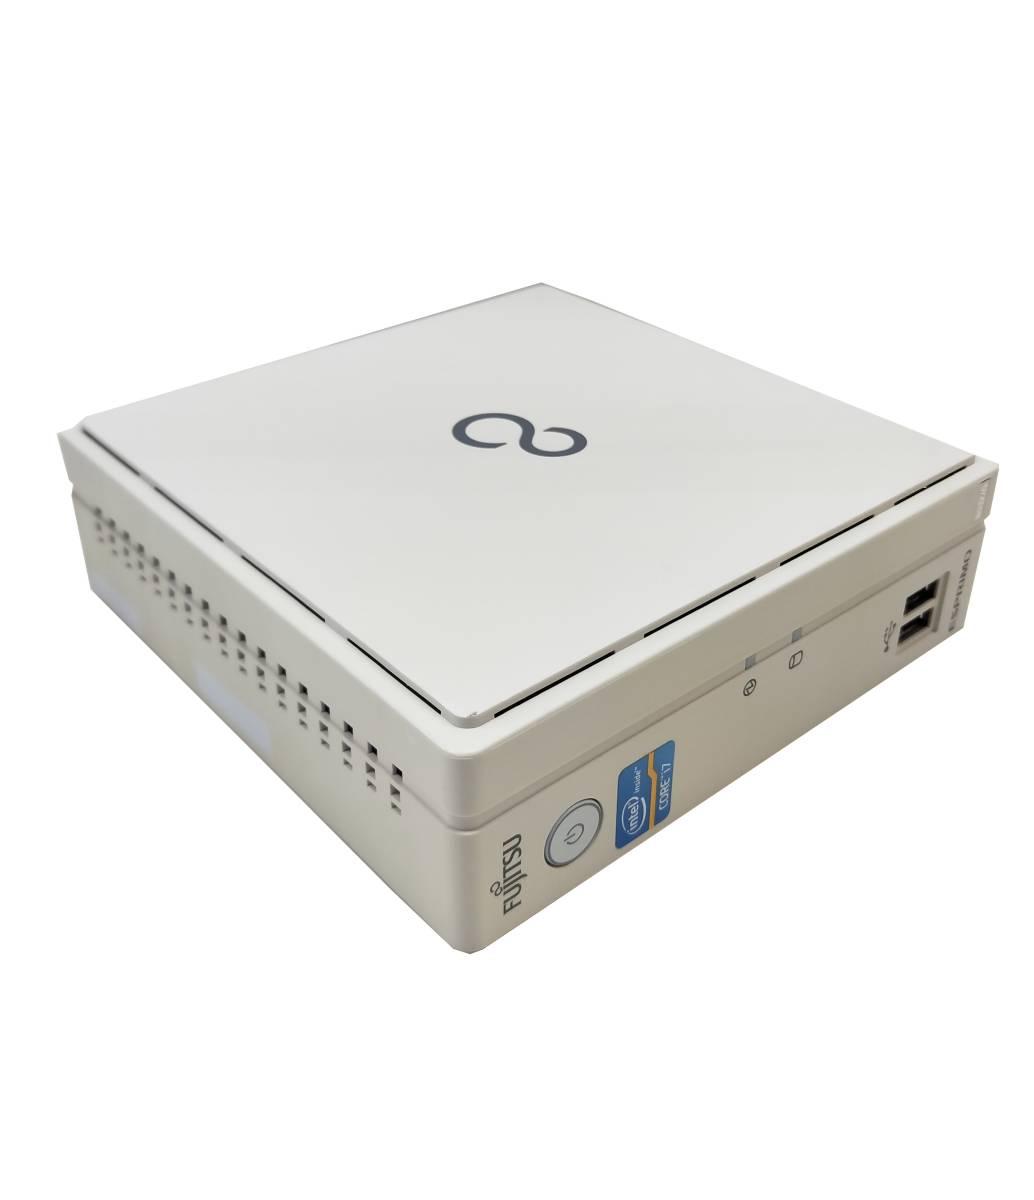 ■驚速 超省スペースタイプ Fujitsu Core i7-3770T 2.5-3.7GHz x8/16GB■新品SSD:960GB Win10/Office2019 Pro/無線 WiFi.■B532/G -5_画像4